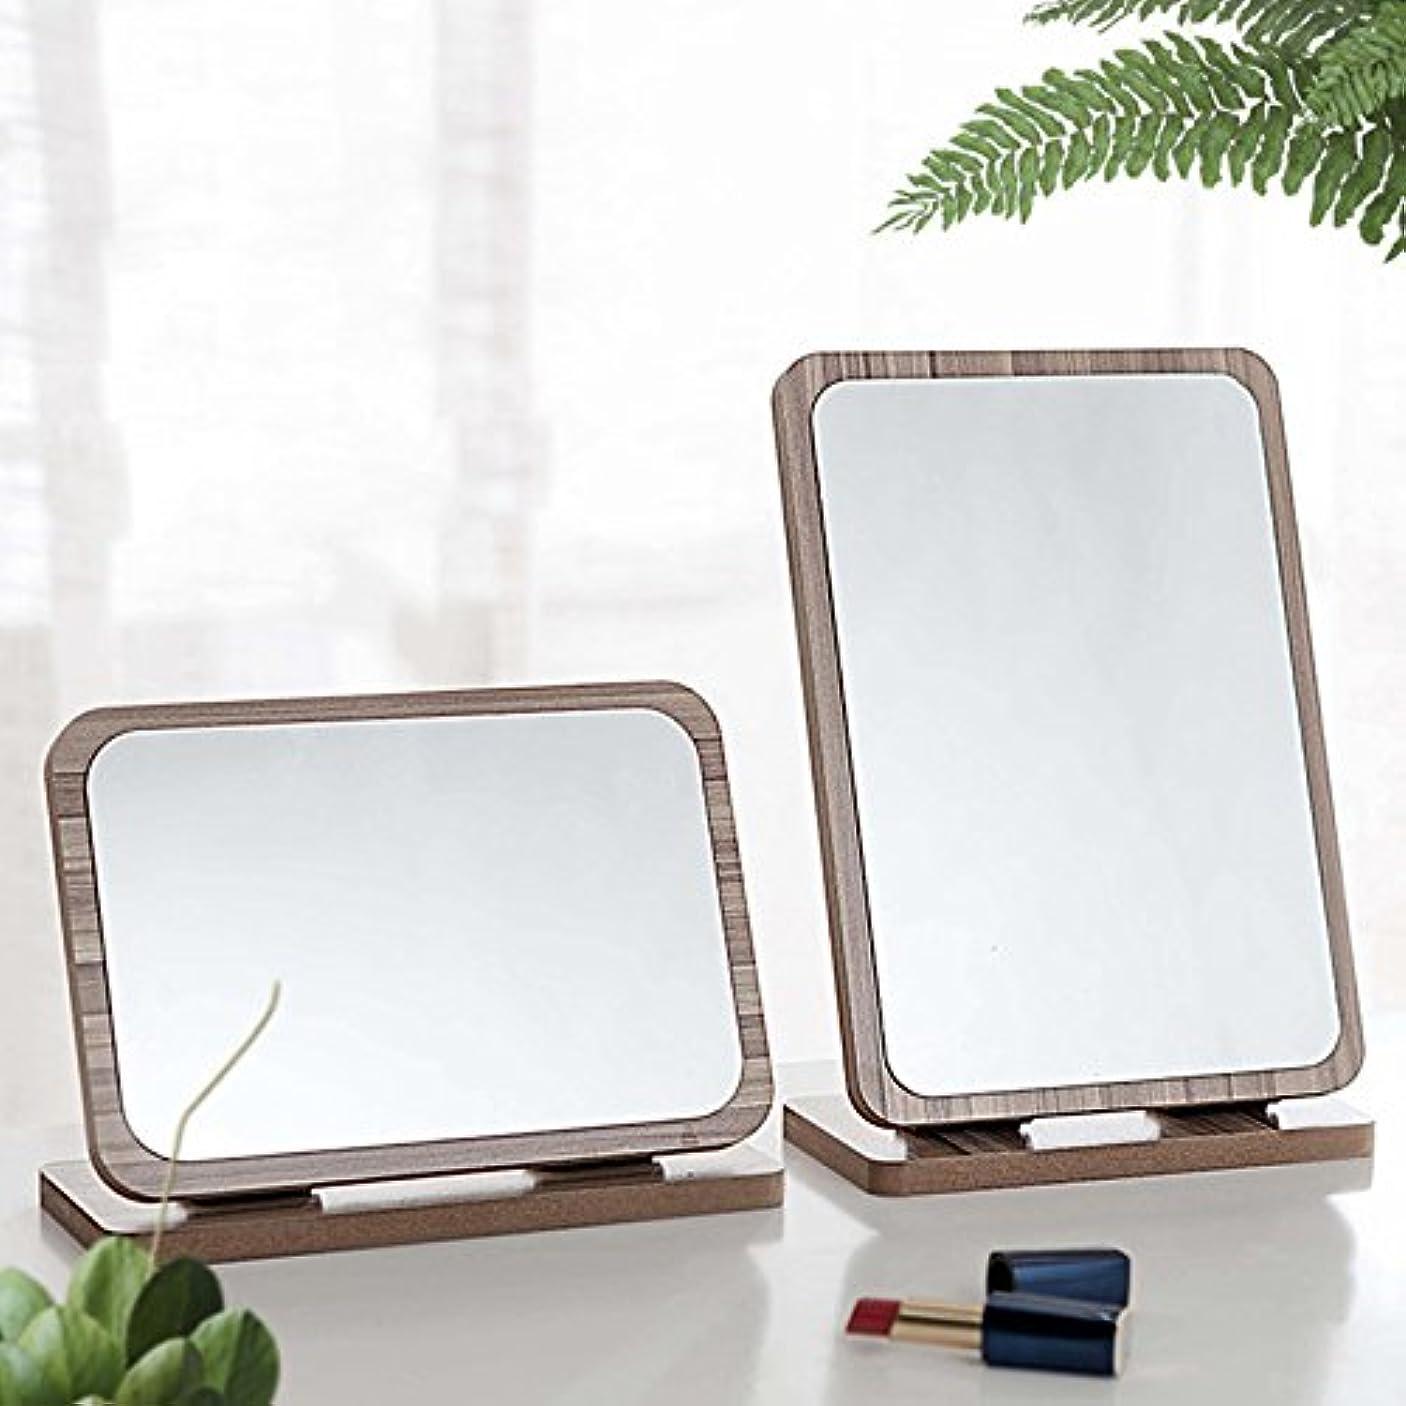 七面鳥精査するオーナーYZUEYT デスクトップ木製の化粧鏡3倍拡大180度回転ポータブルバニティバスルームメイクツール YZUEYT (Color : NO. 10#)